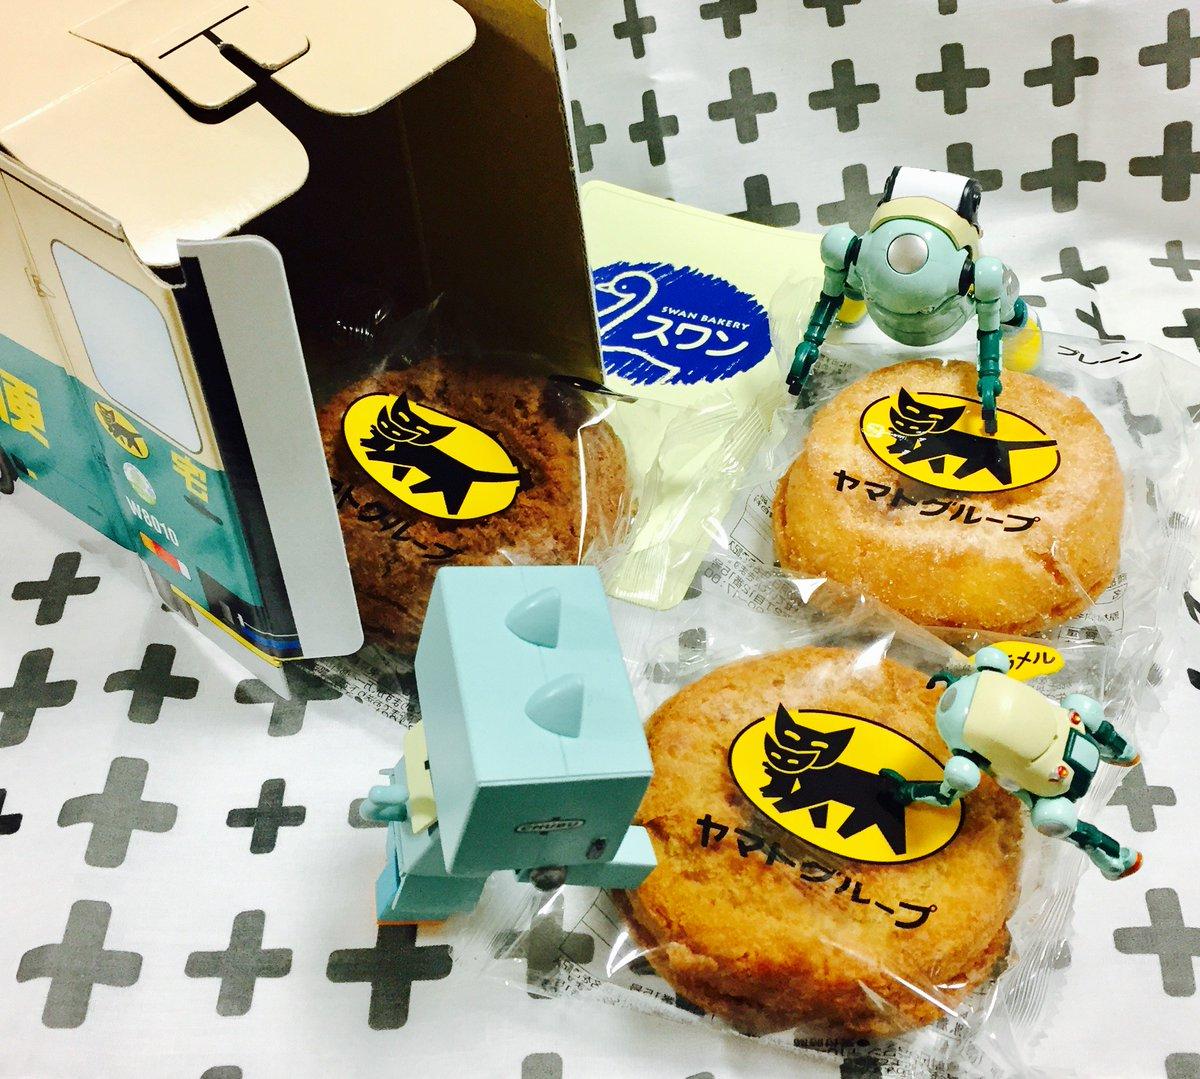 クロネコのポイントでウォークスルーお菓子BOX・Aをもらってみた!ドーナツはやさしい味で美味しかった!!まぁ箱目当てです